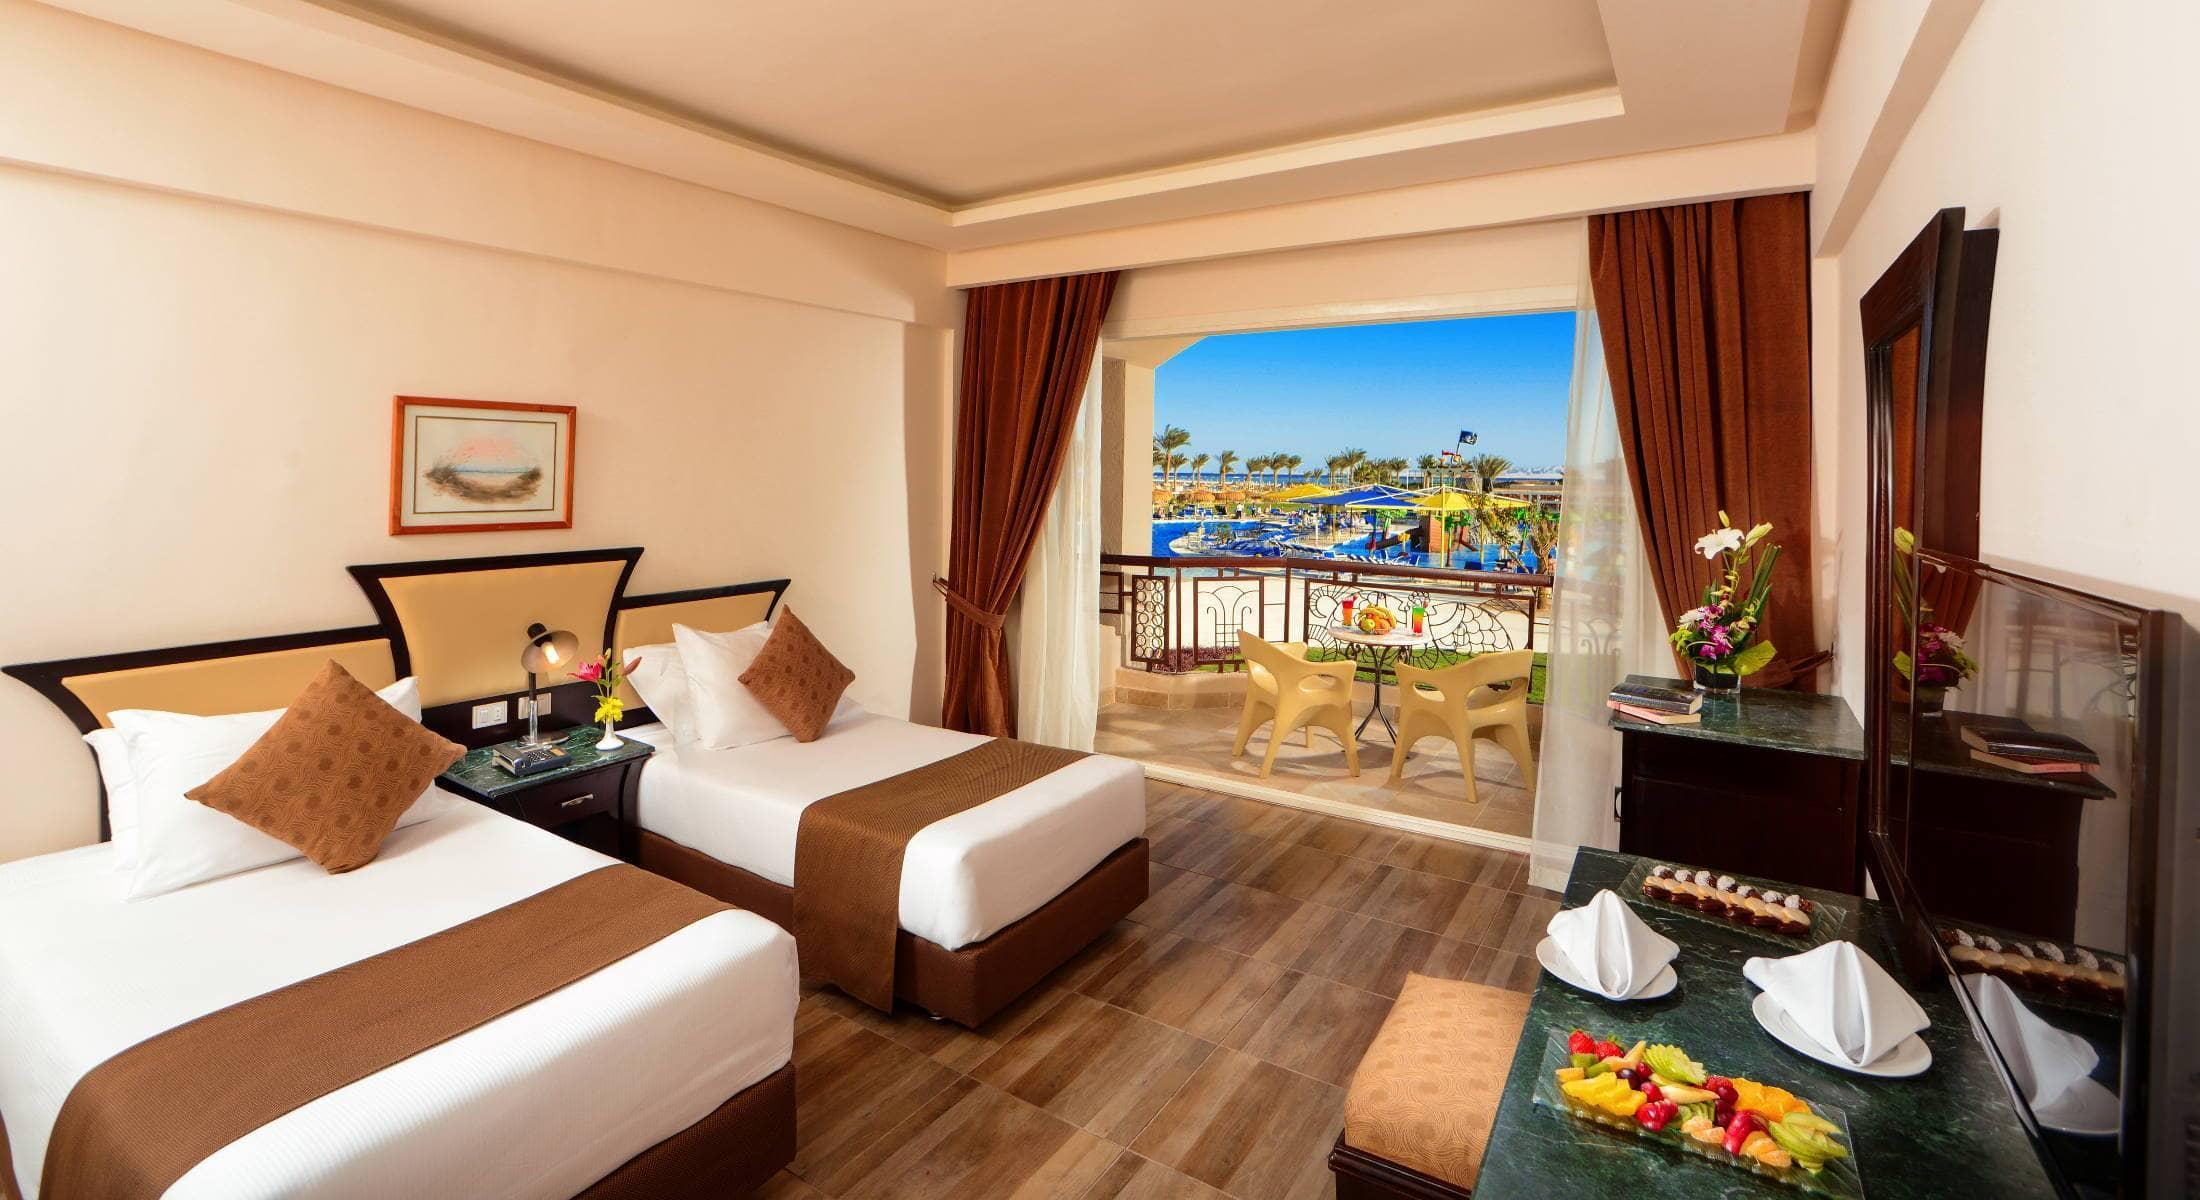 Zimmer - Familienzimmer - Pickalbatros Hotels & Resort Hotelgruppe ...